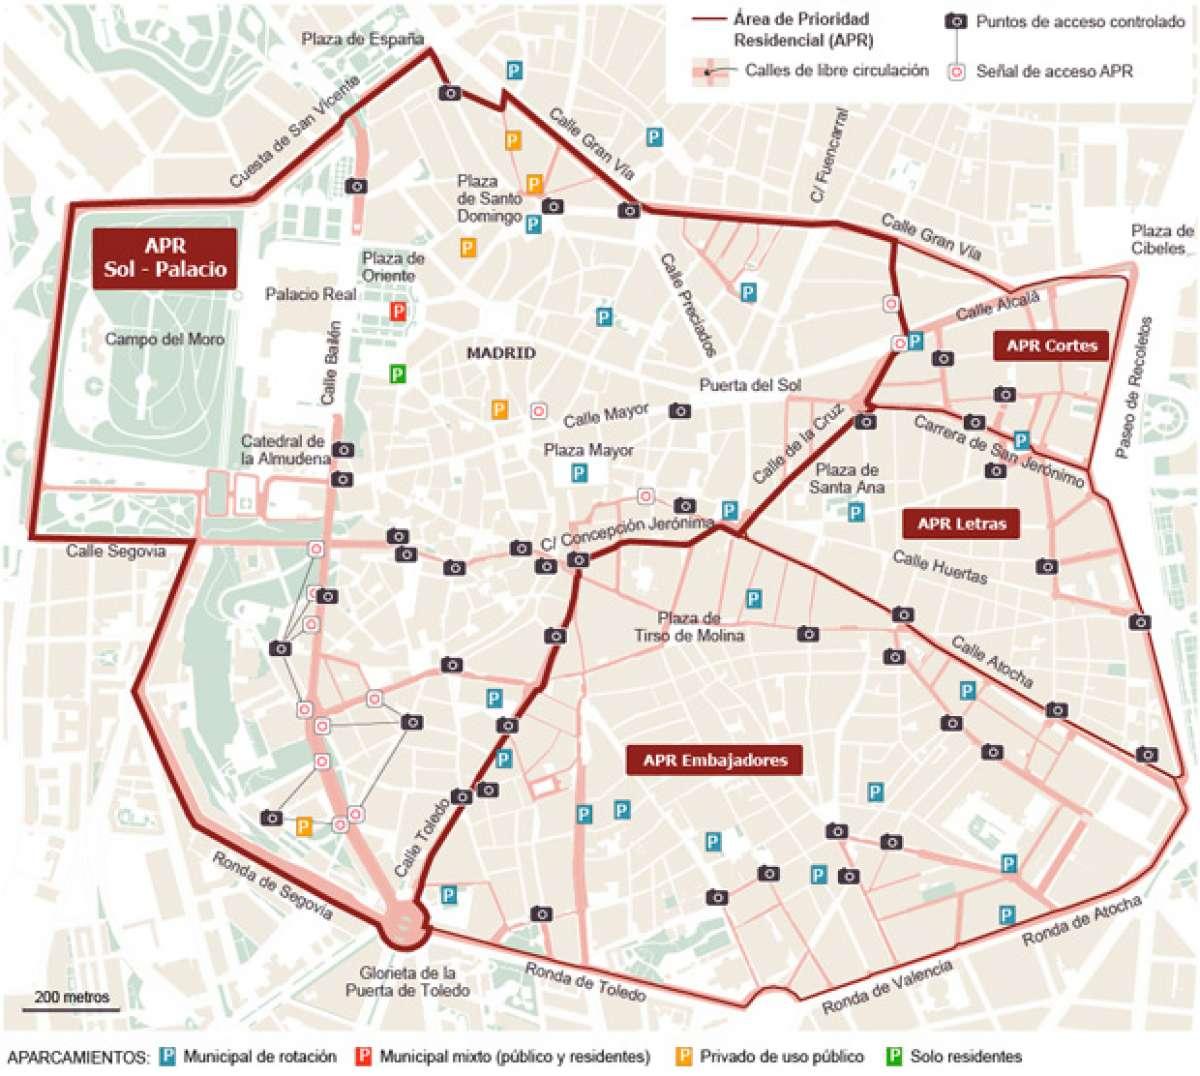 El centro de Madrid, cerrado al tráfico a partir de Enero de 2015